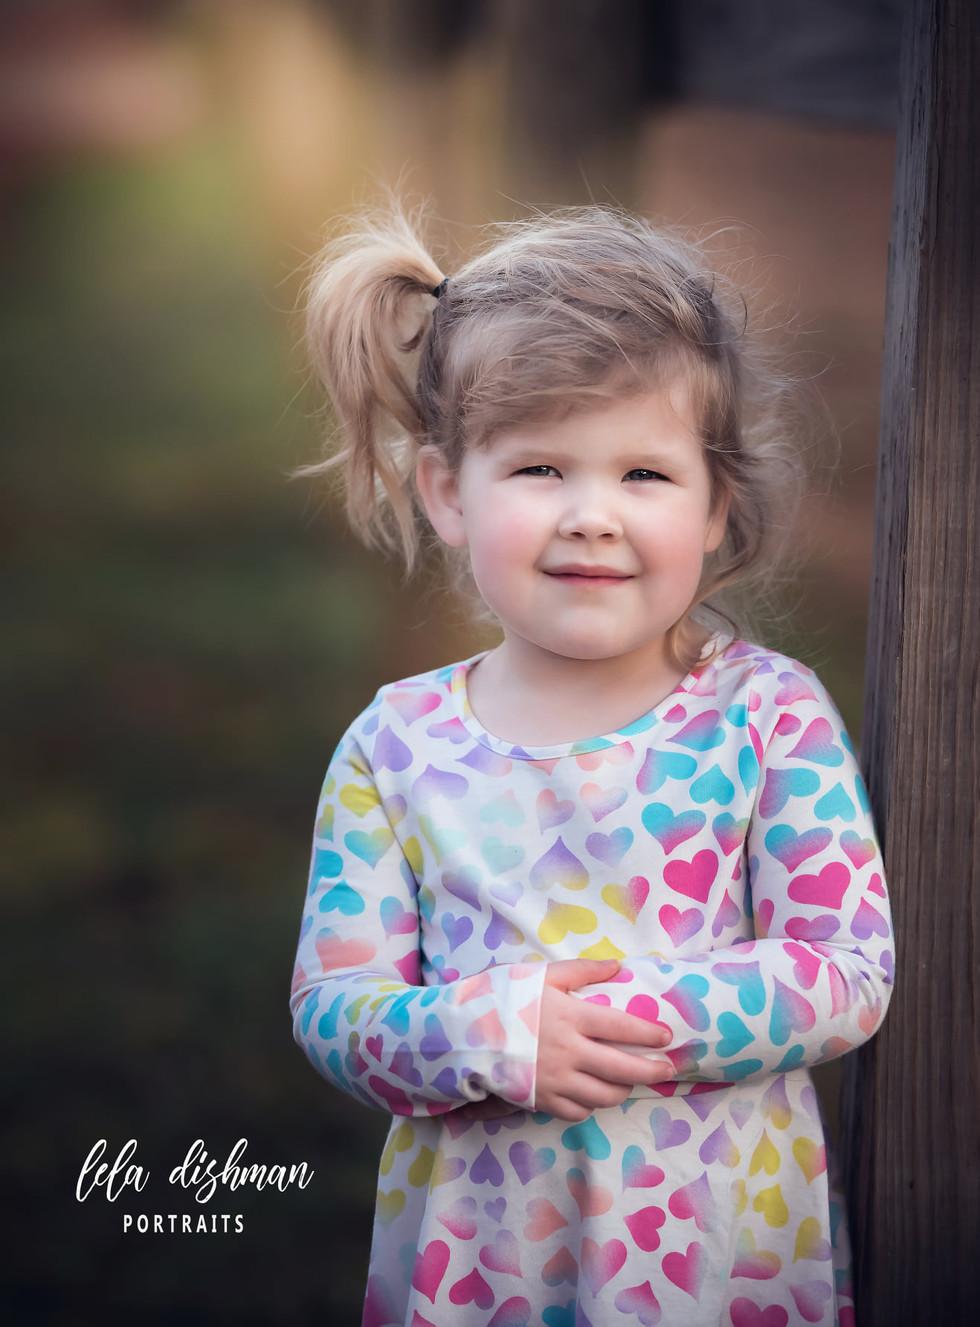 Evann ~ Children's Portrait Photography in Kentucky